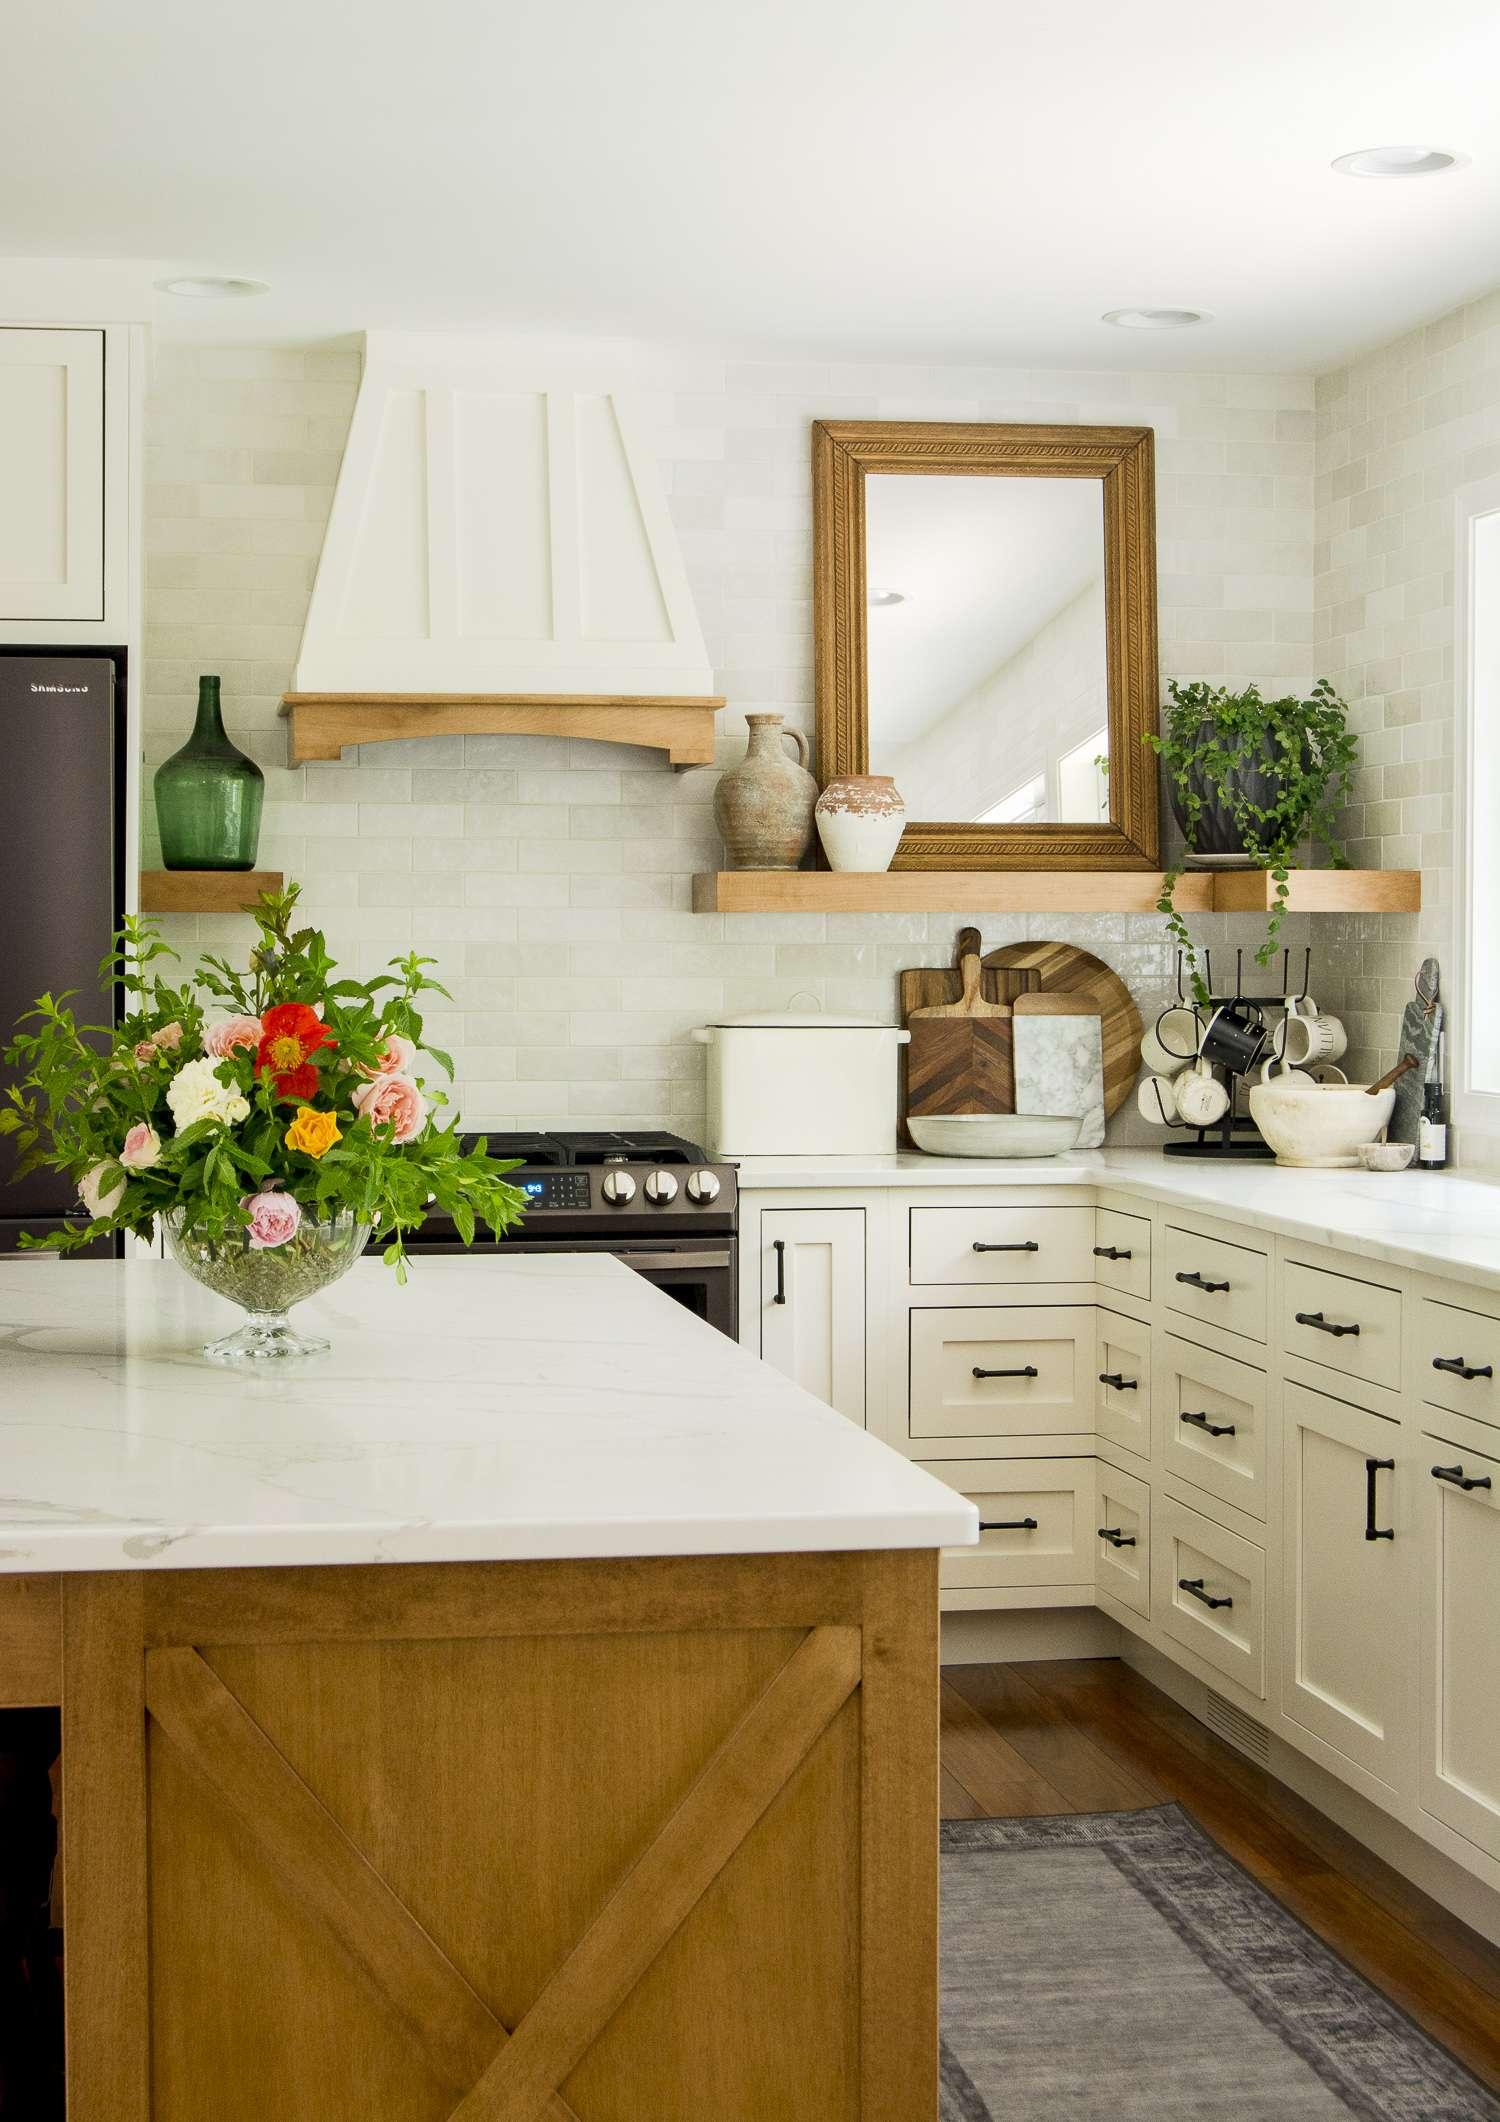 Custom kitchen remodel details.